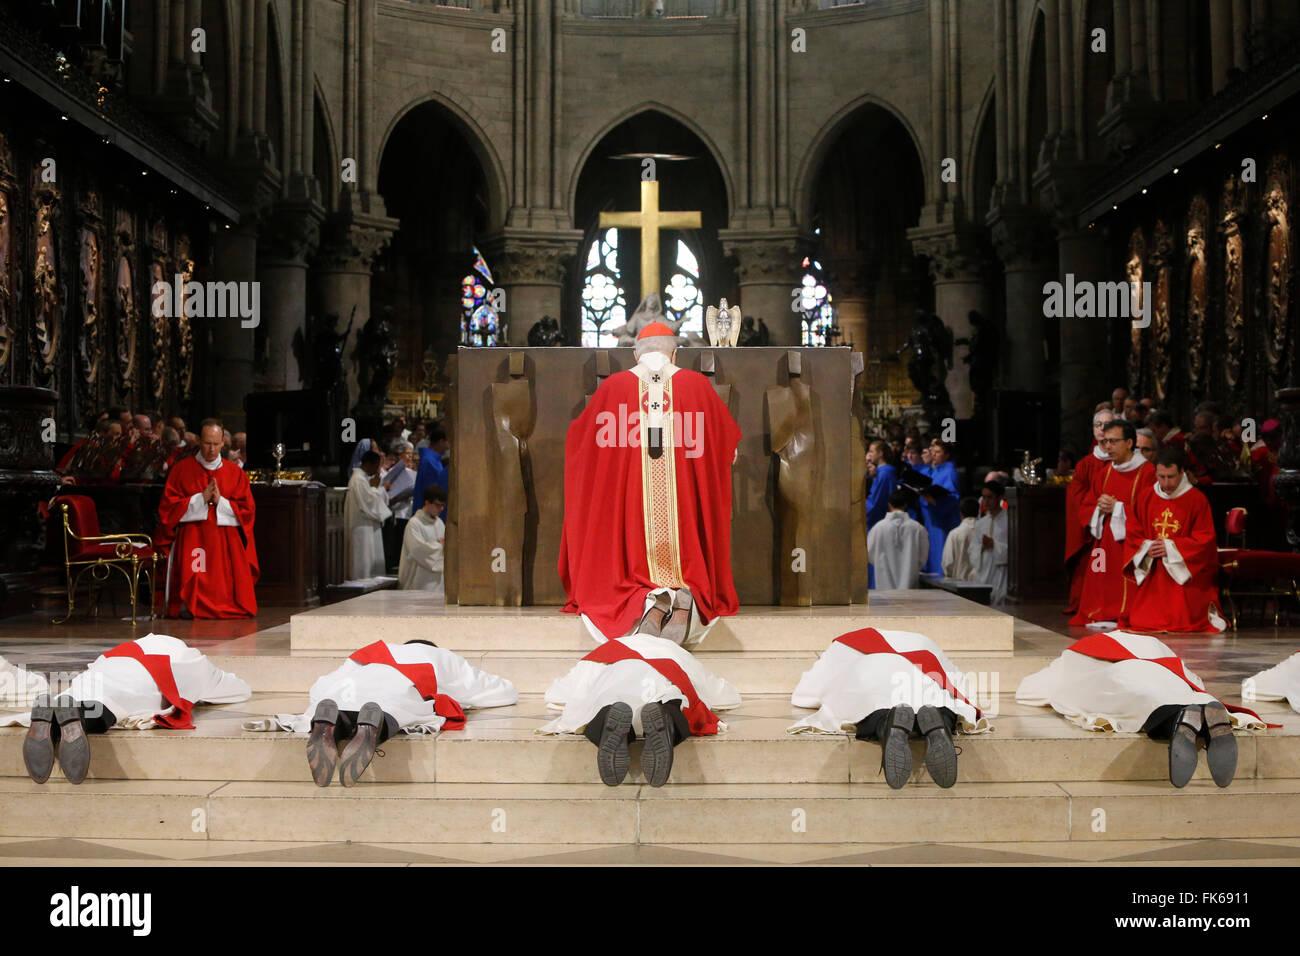 Priest ordinations at Notre-Dame de Paris cathedral, Paris, France, Europe - Stock Image